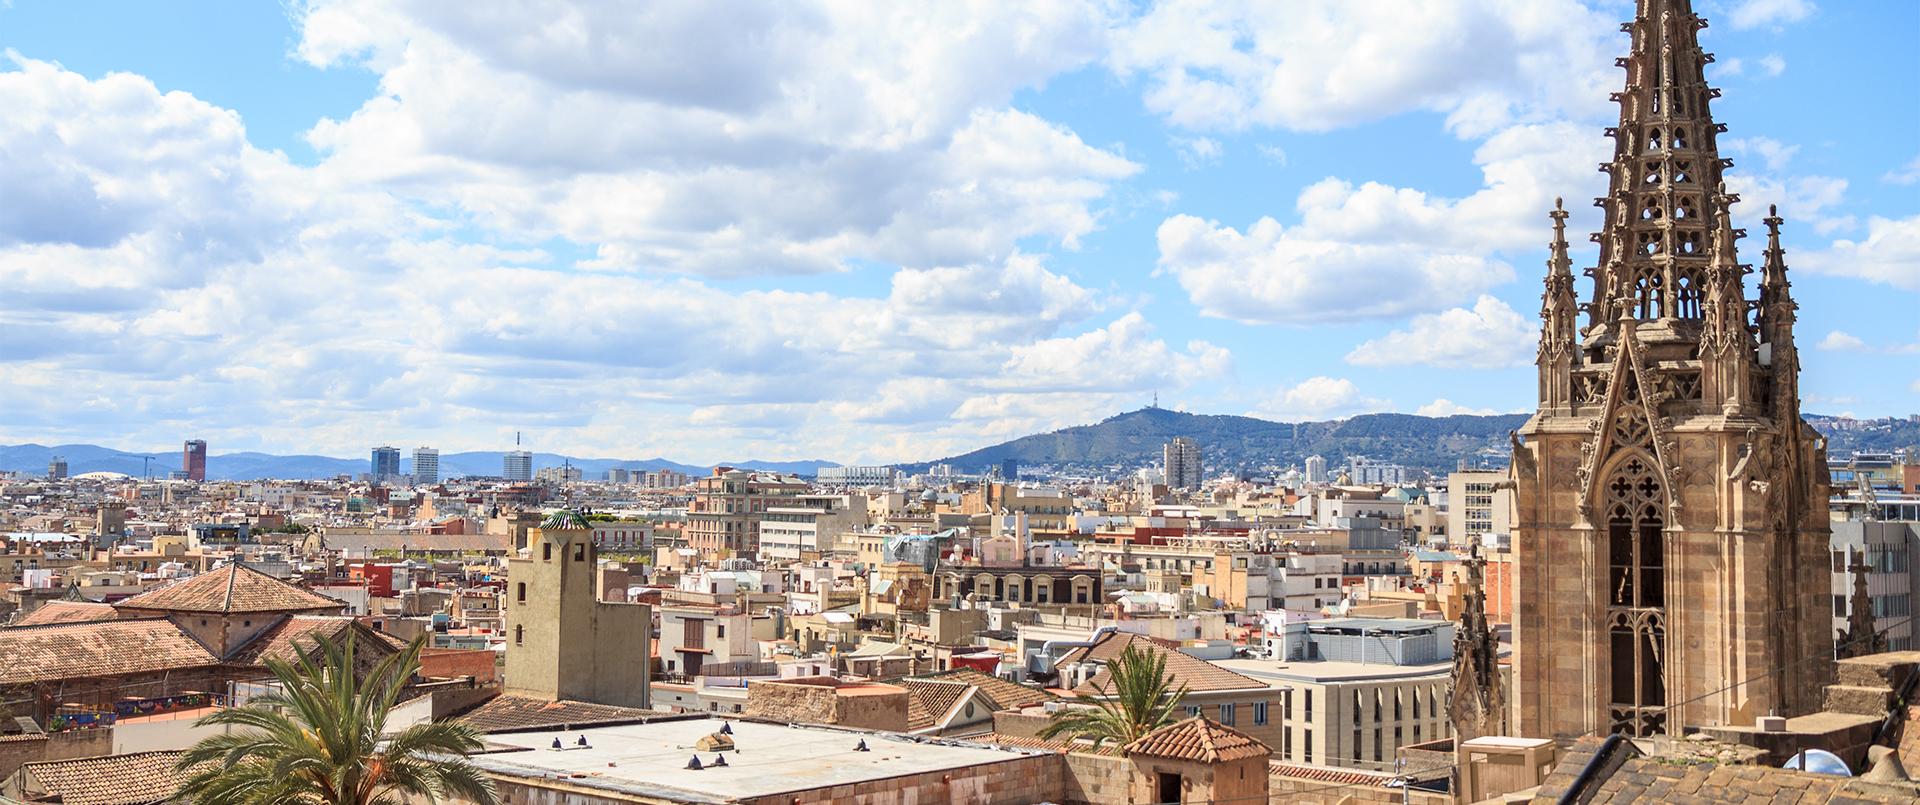 Long weekend in Barcelona